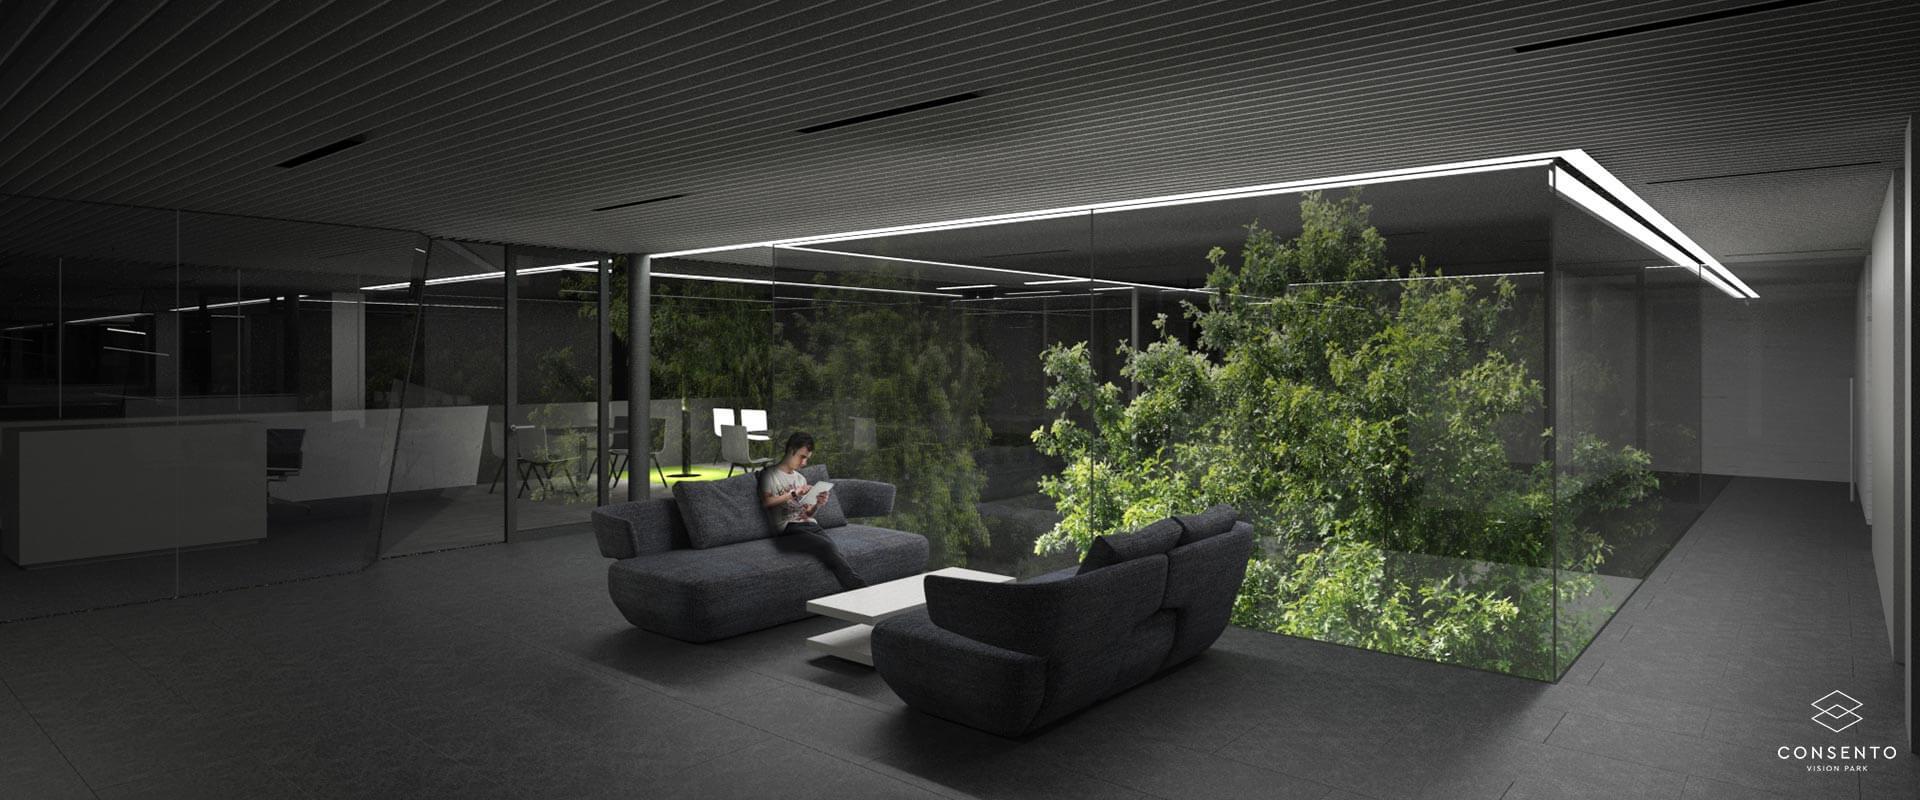 consento-visionpark-plan-3d-04